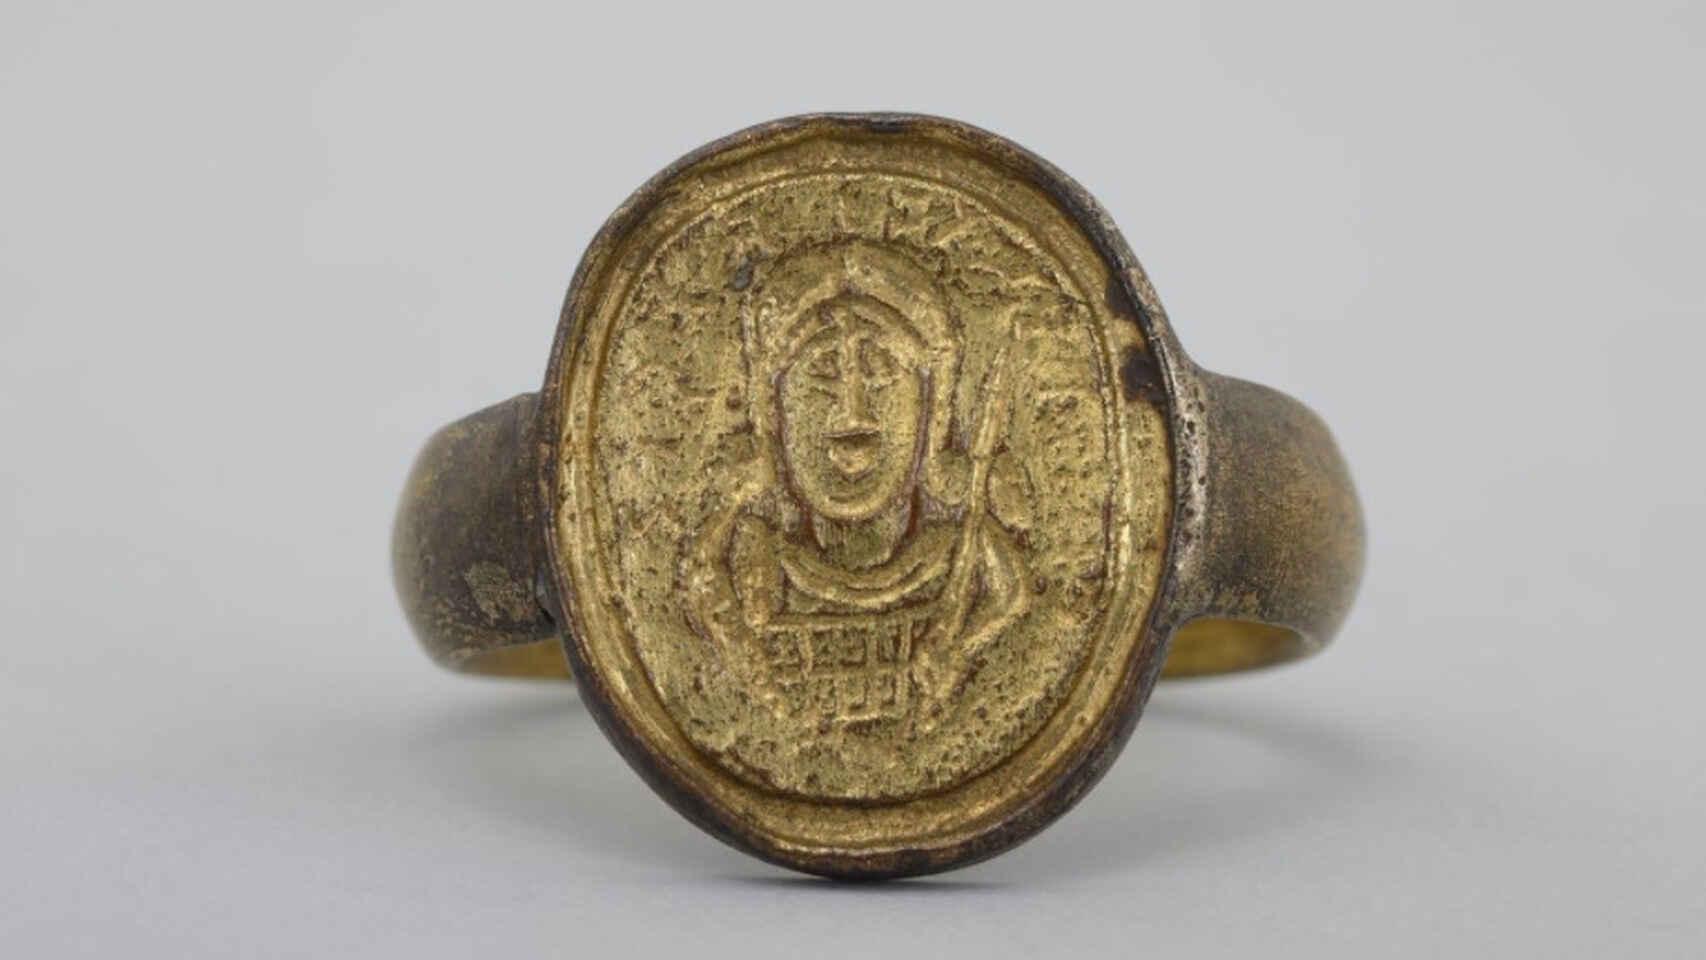 Facsímil del anillo del rey franco Childerico - Orígenes de Europa